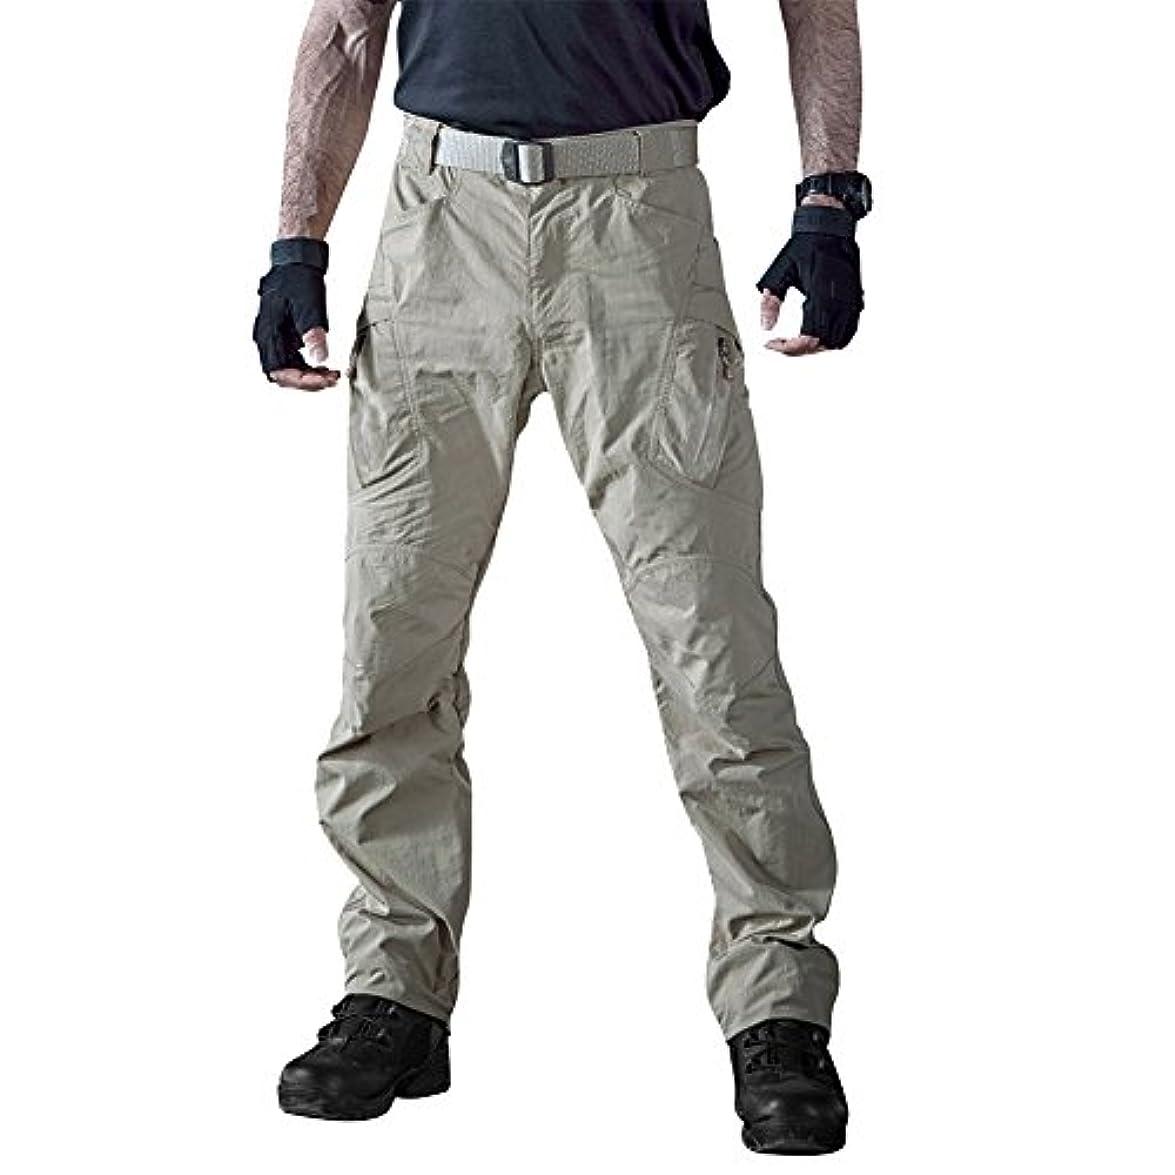 変形するいろいろデンマークTACVASEN カーゴストレッチパンツ メンズ アウトドア 速乾 撥水 UV保護